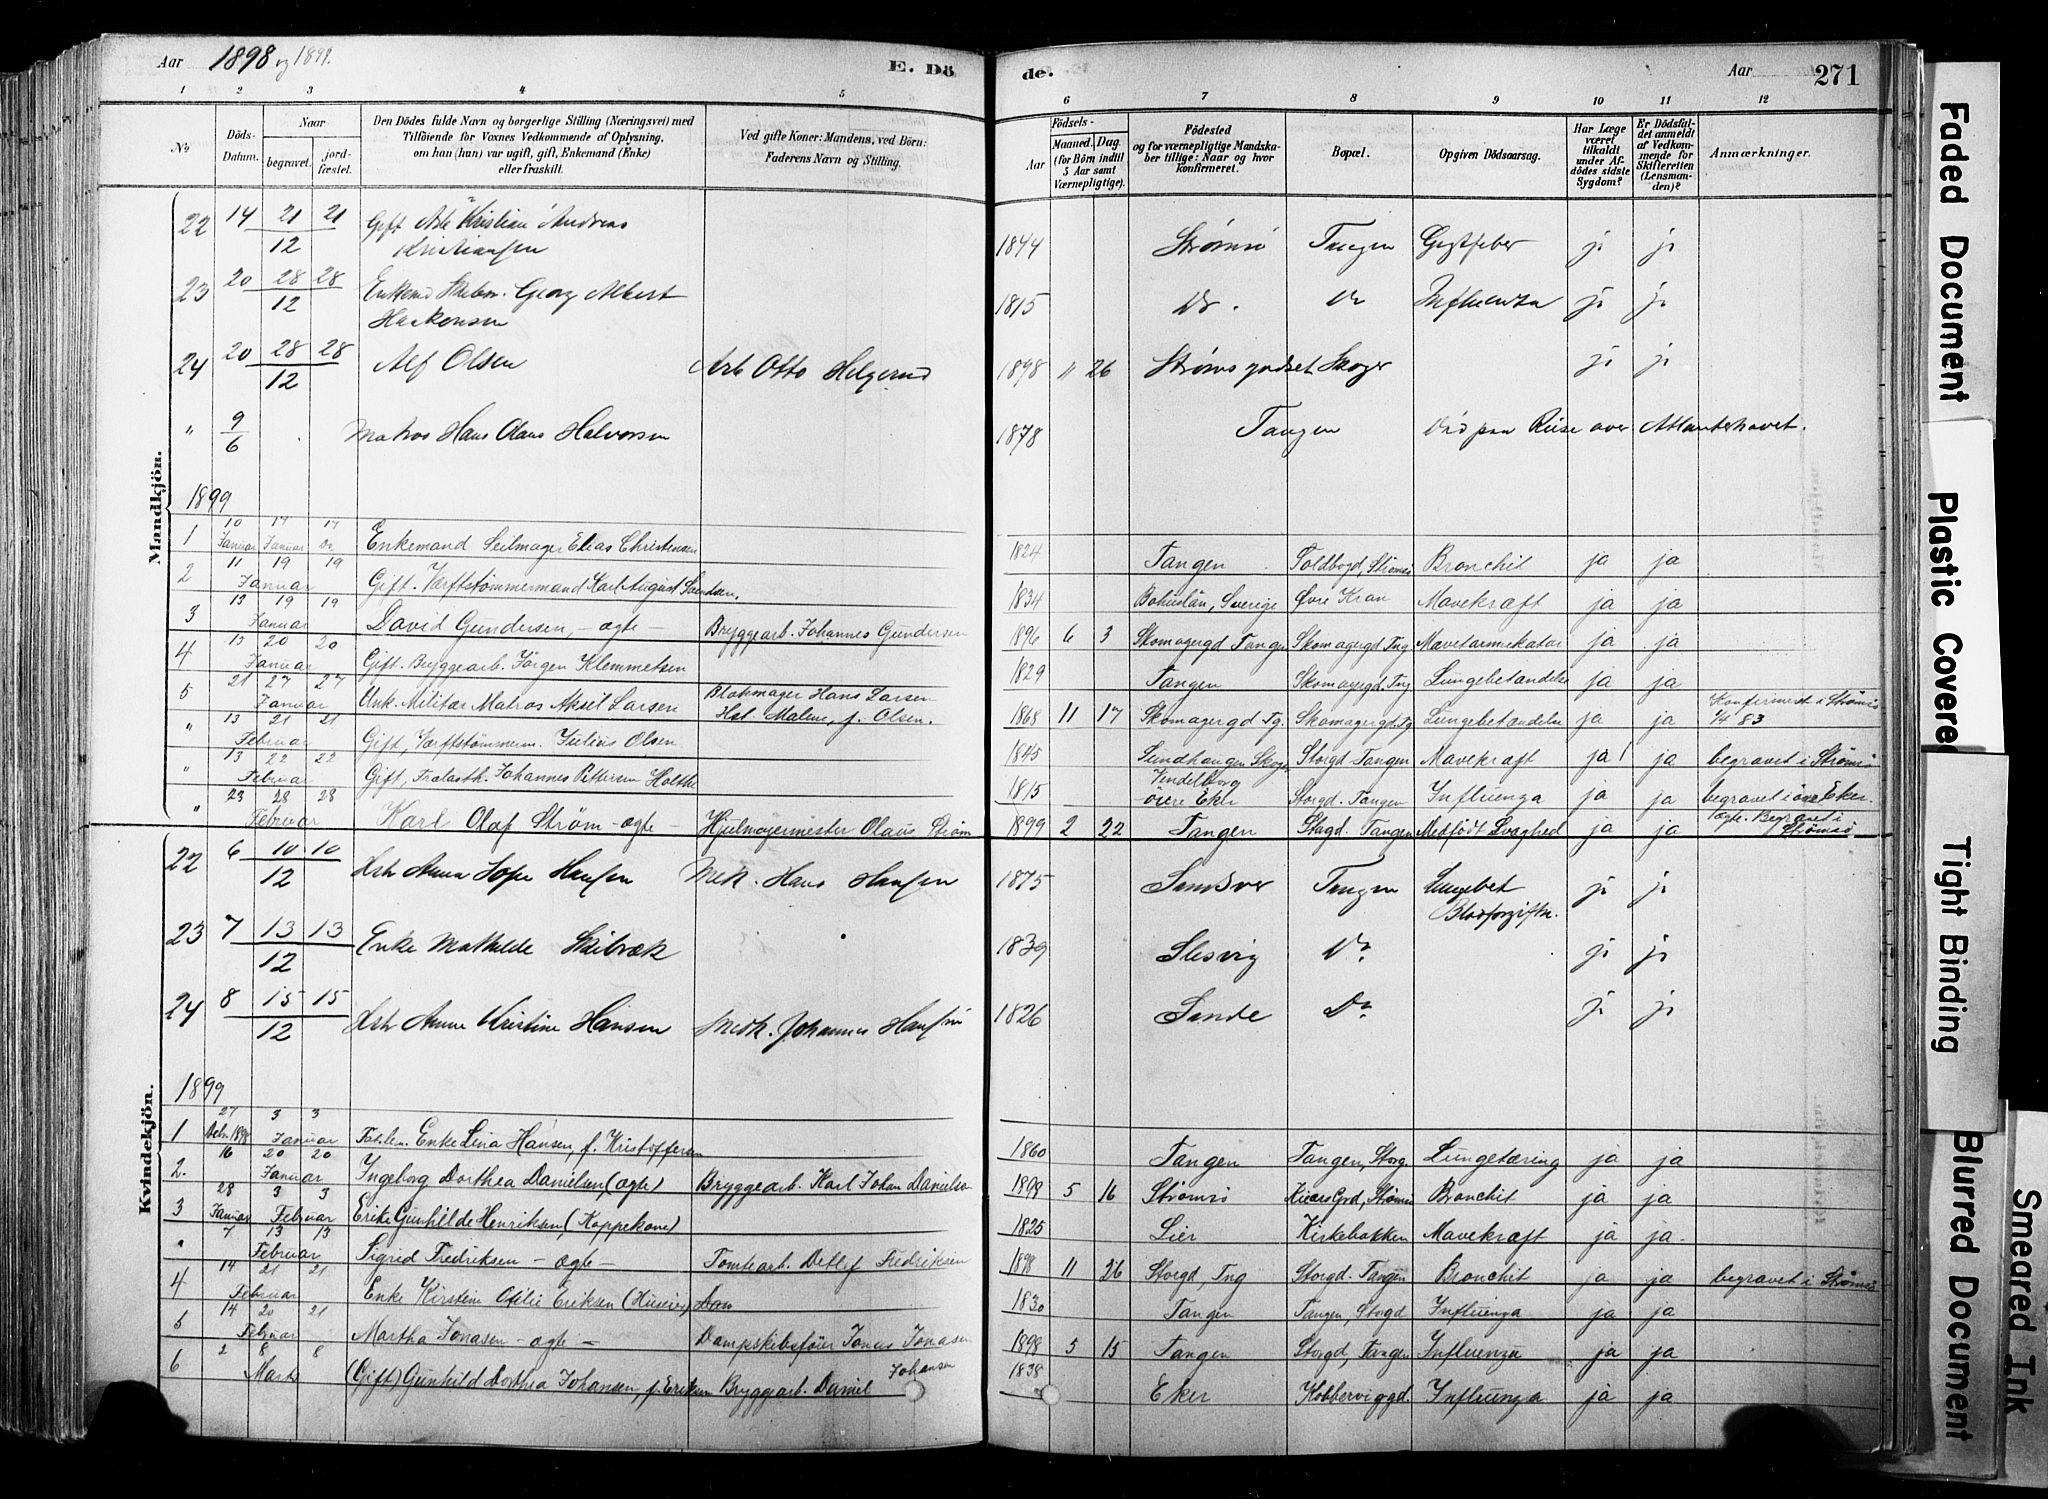 SAKO, Strømsø kirkebøker, F/Fb/L0006: Ministerialbok nr. II 6, 1879-1910, s. 271